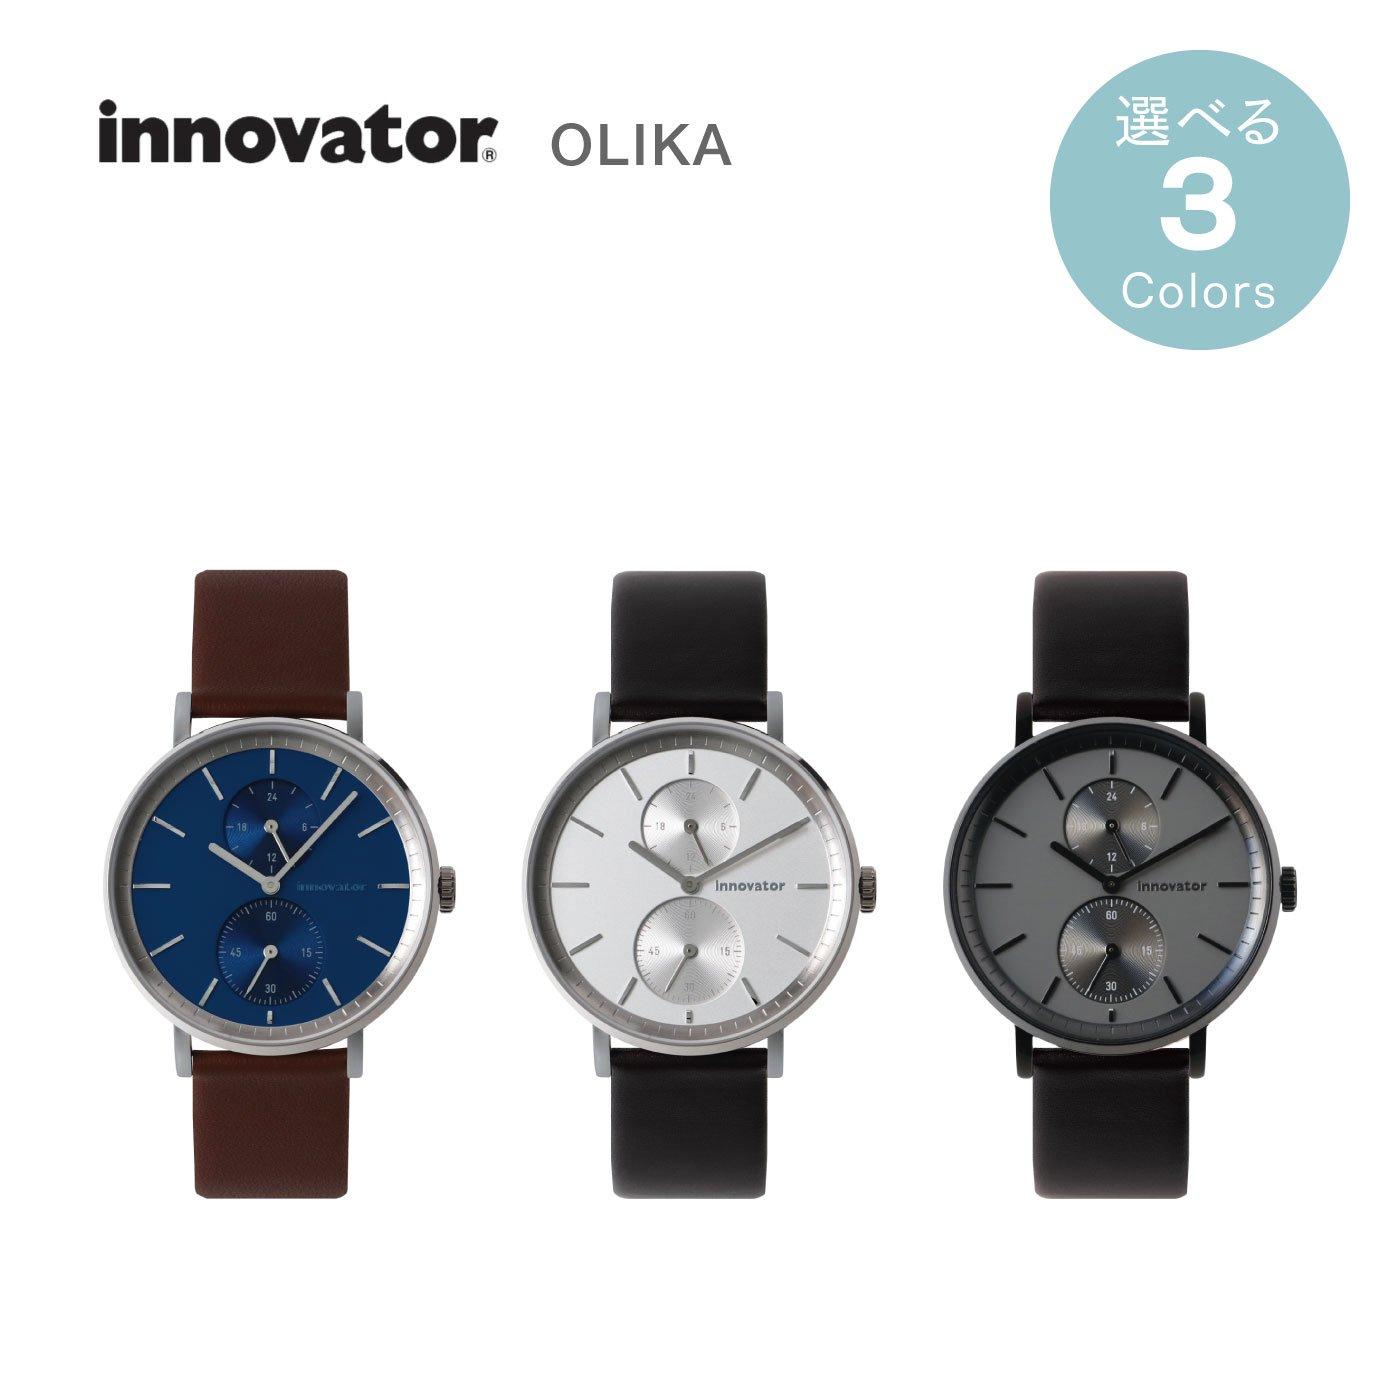 北欧デザインの腕時計 innovator OLIKA